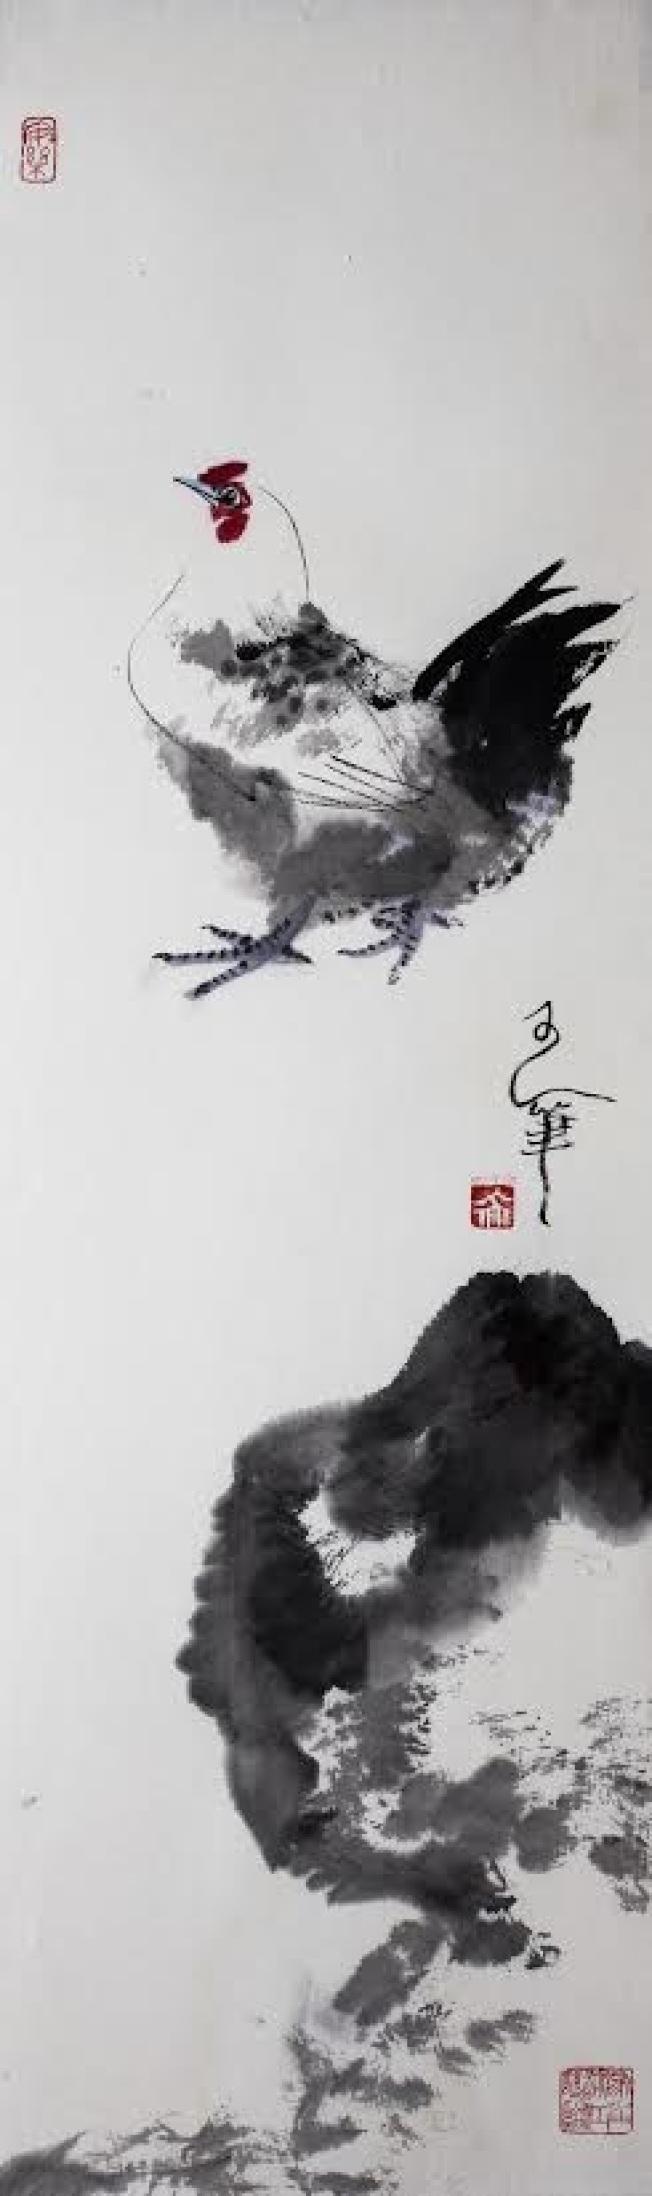 虞世超雞年畫作。王安石「飛來峰上千尋塔,聞道雞鳴見日升」。 (虞世超提供)